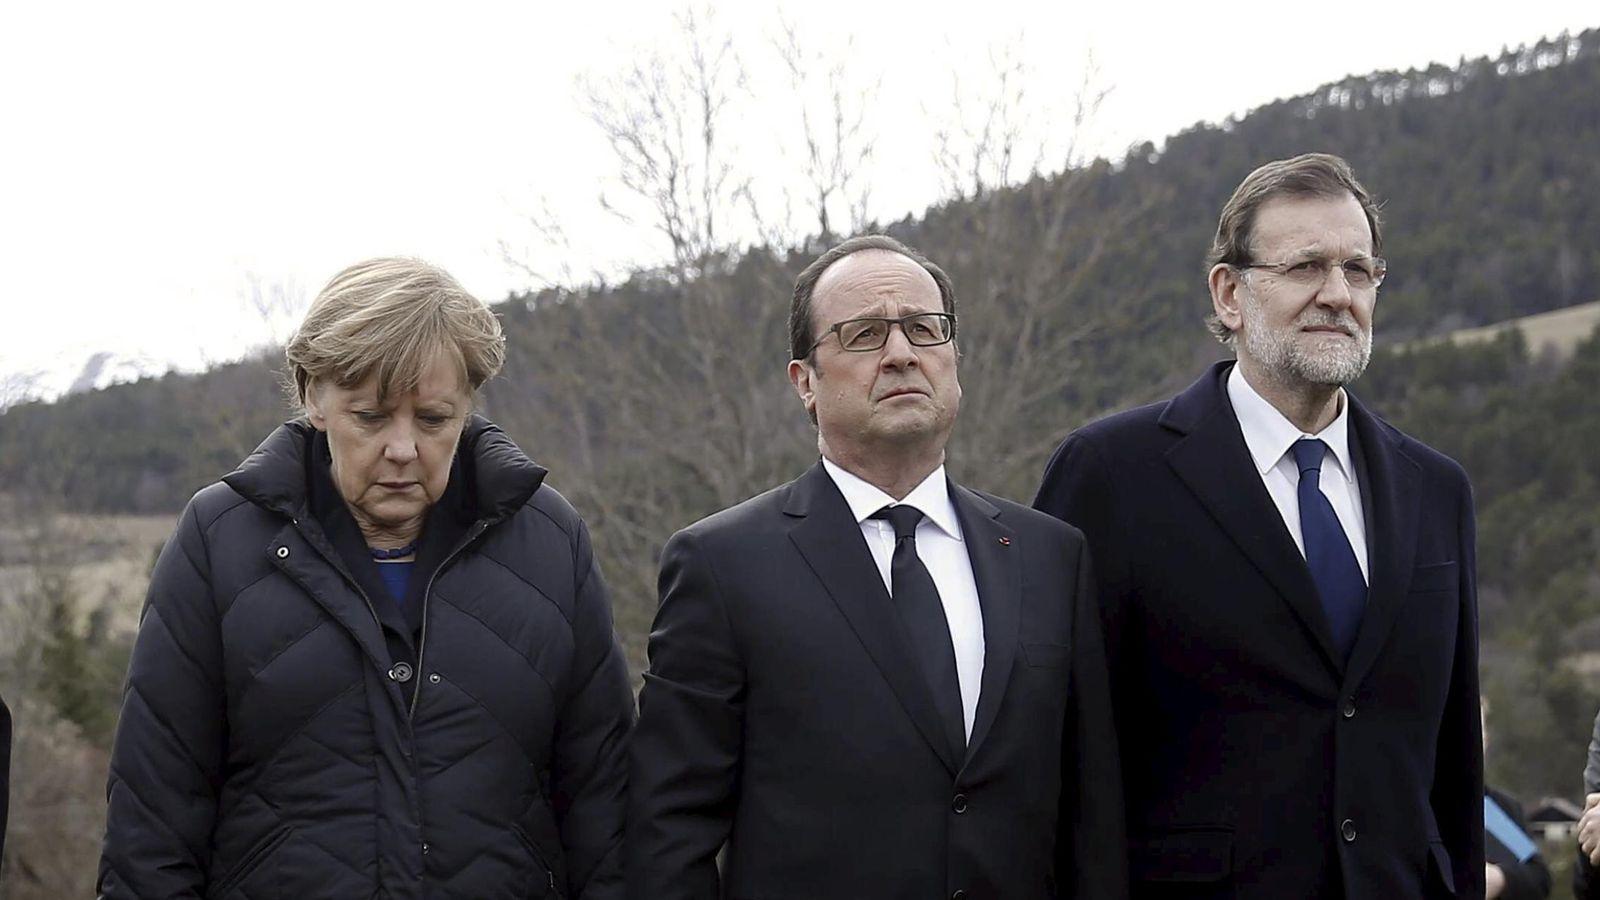 Foto: Angela Merkel, François Hollande y Mariano Rajoy juntos en la localidad de Seyne-les-Alpes (Reuters)